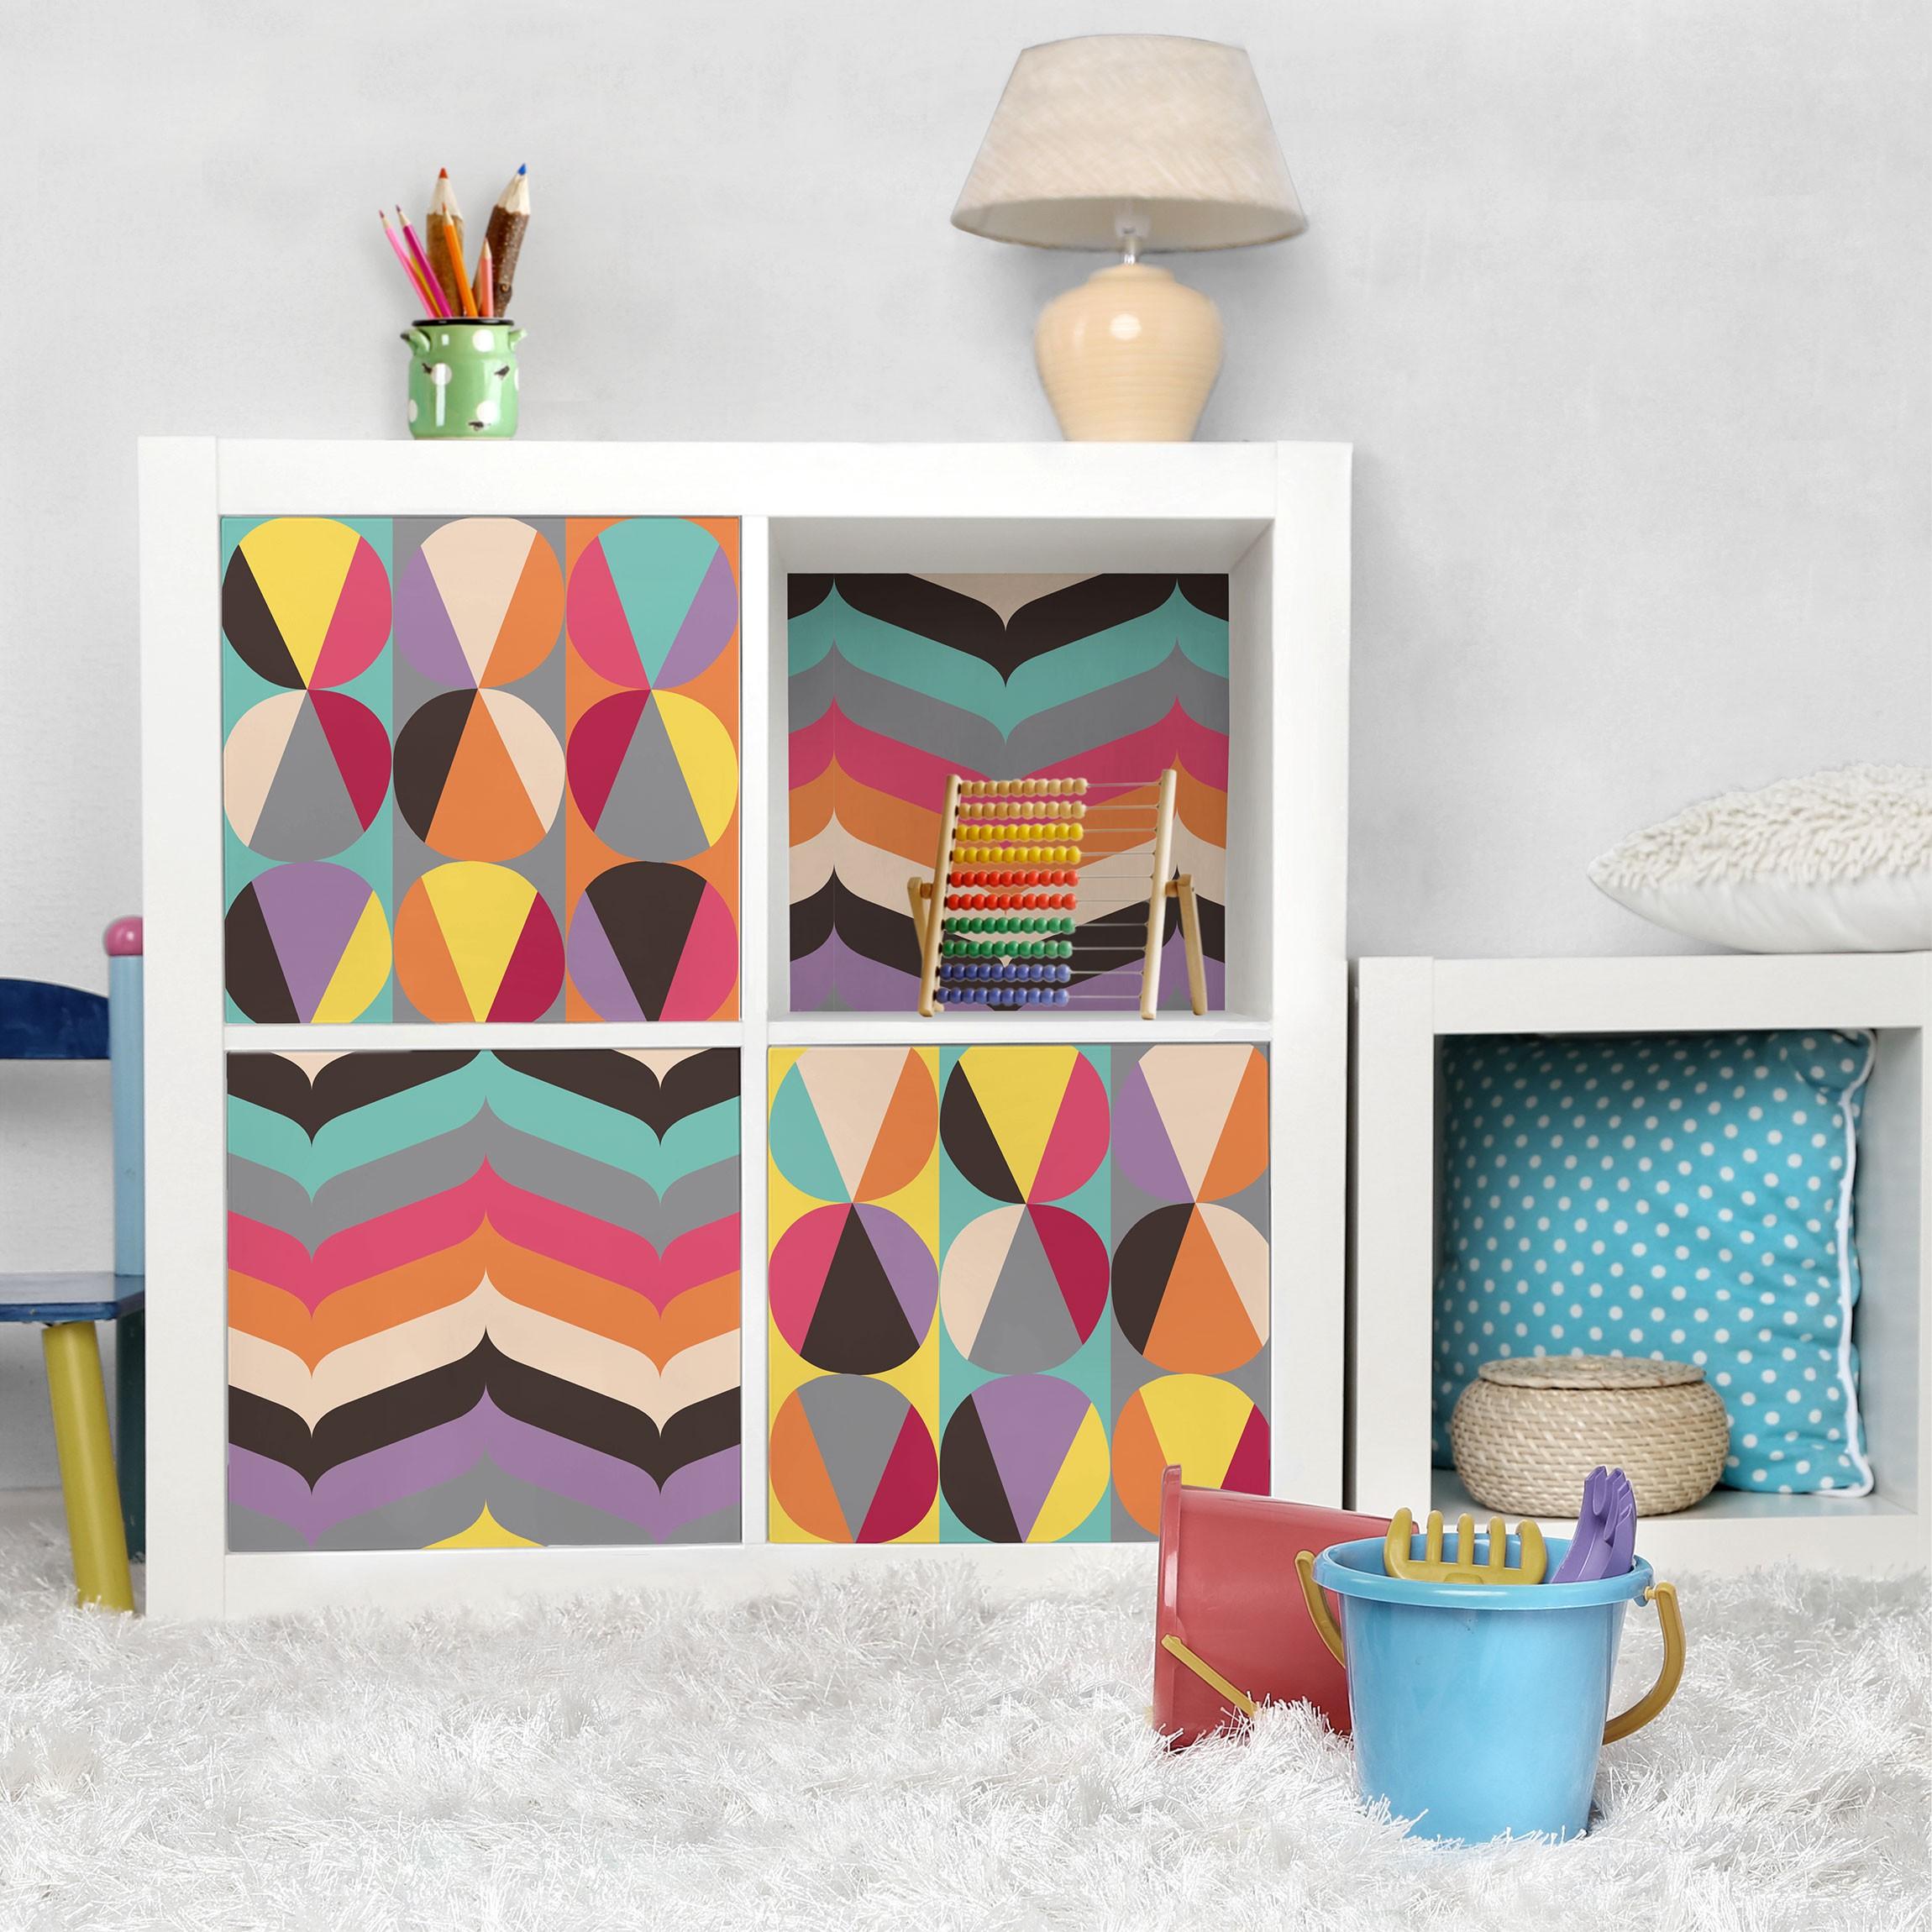 Carta adesiva per mobili two 60s retro pattern - Carta per coprire mobili ...